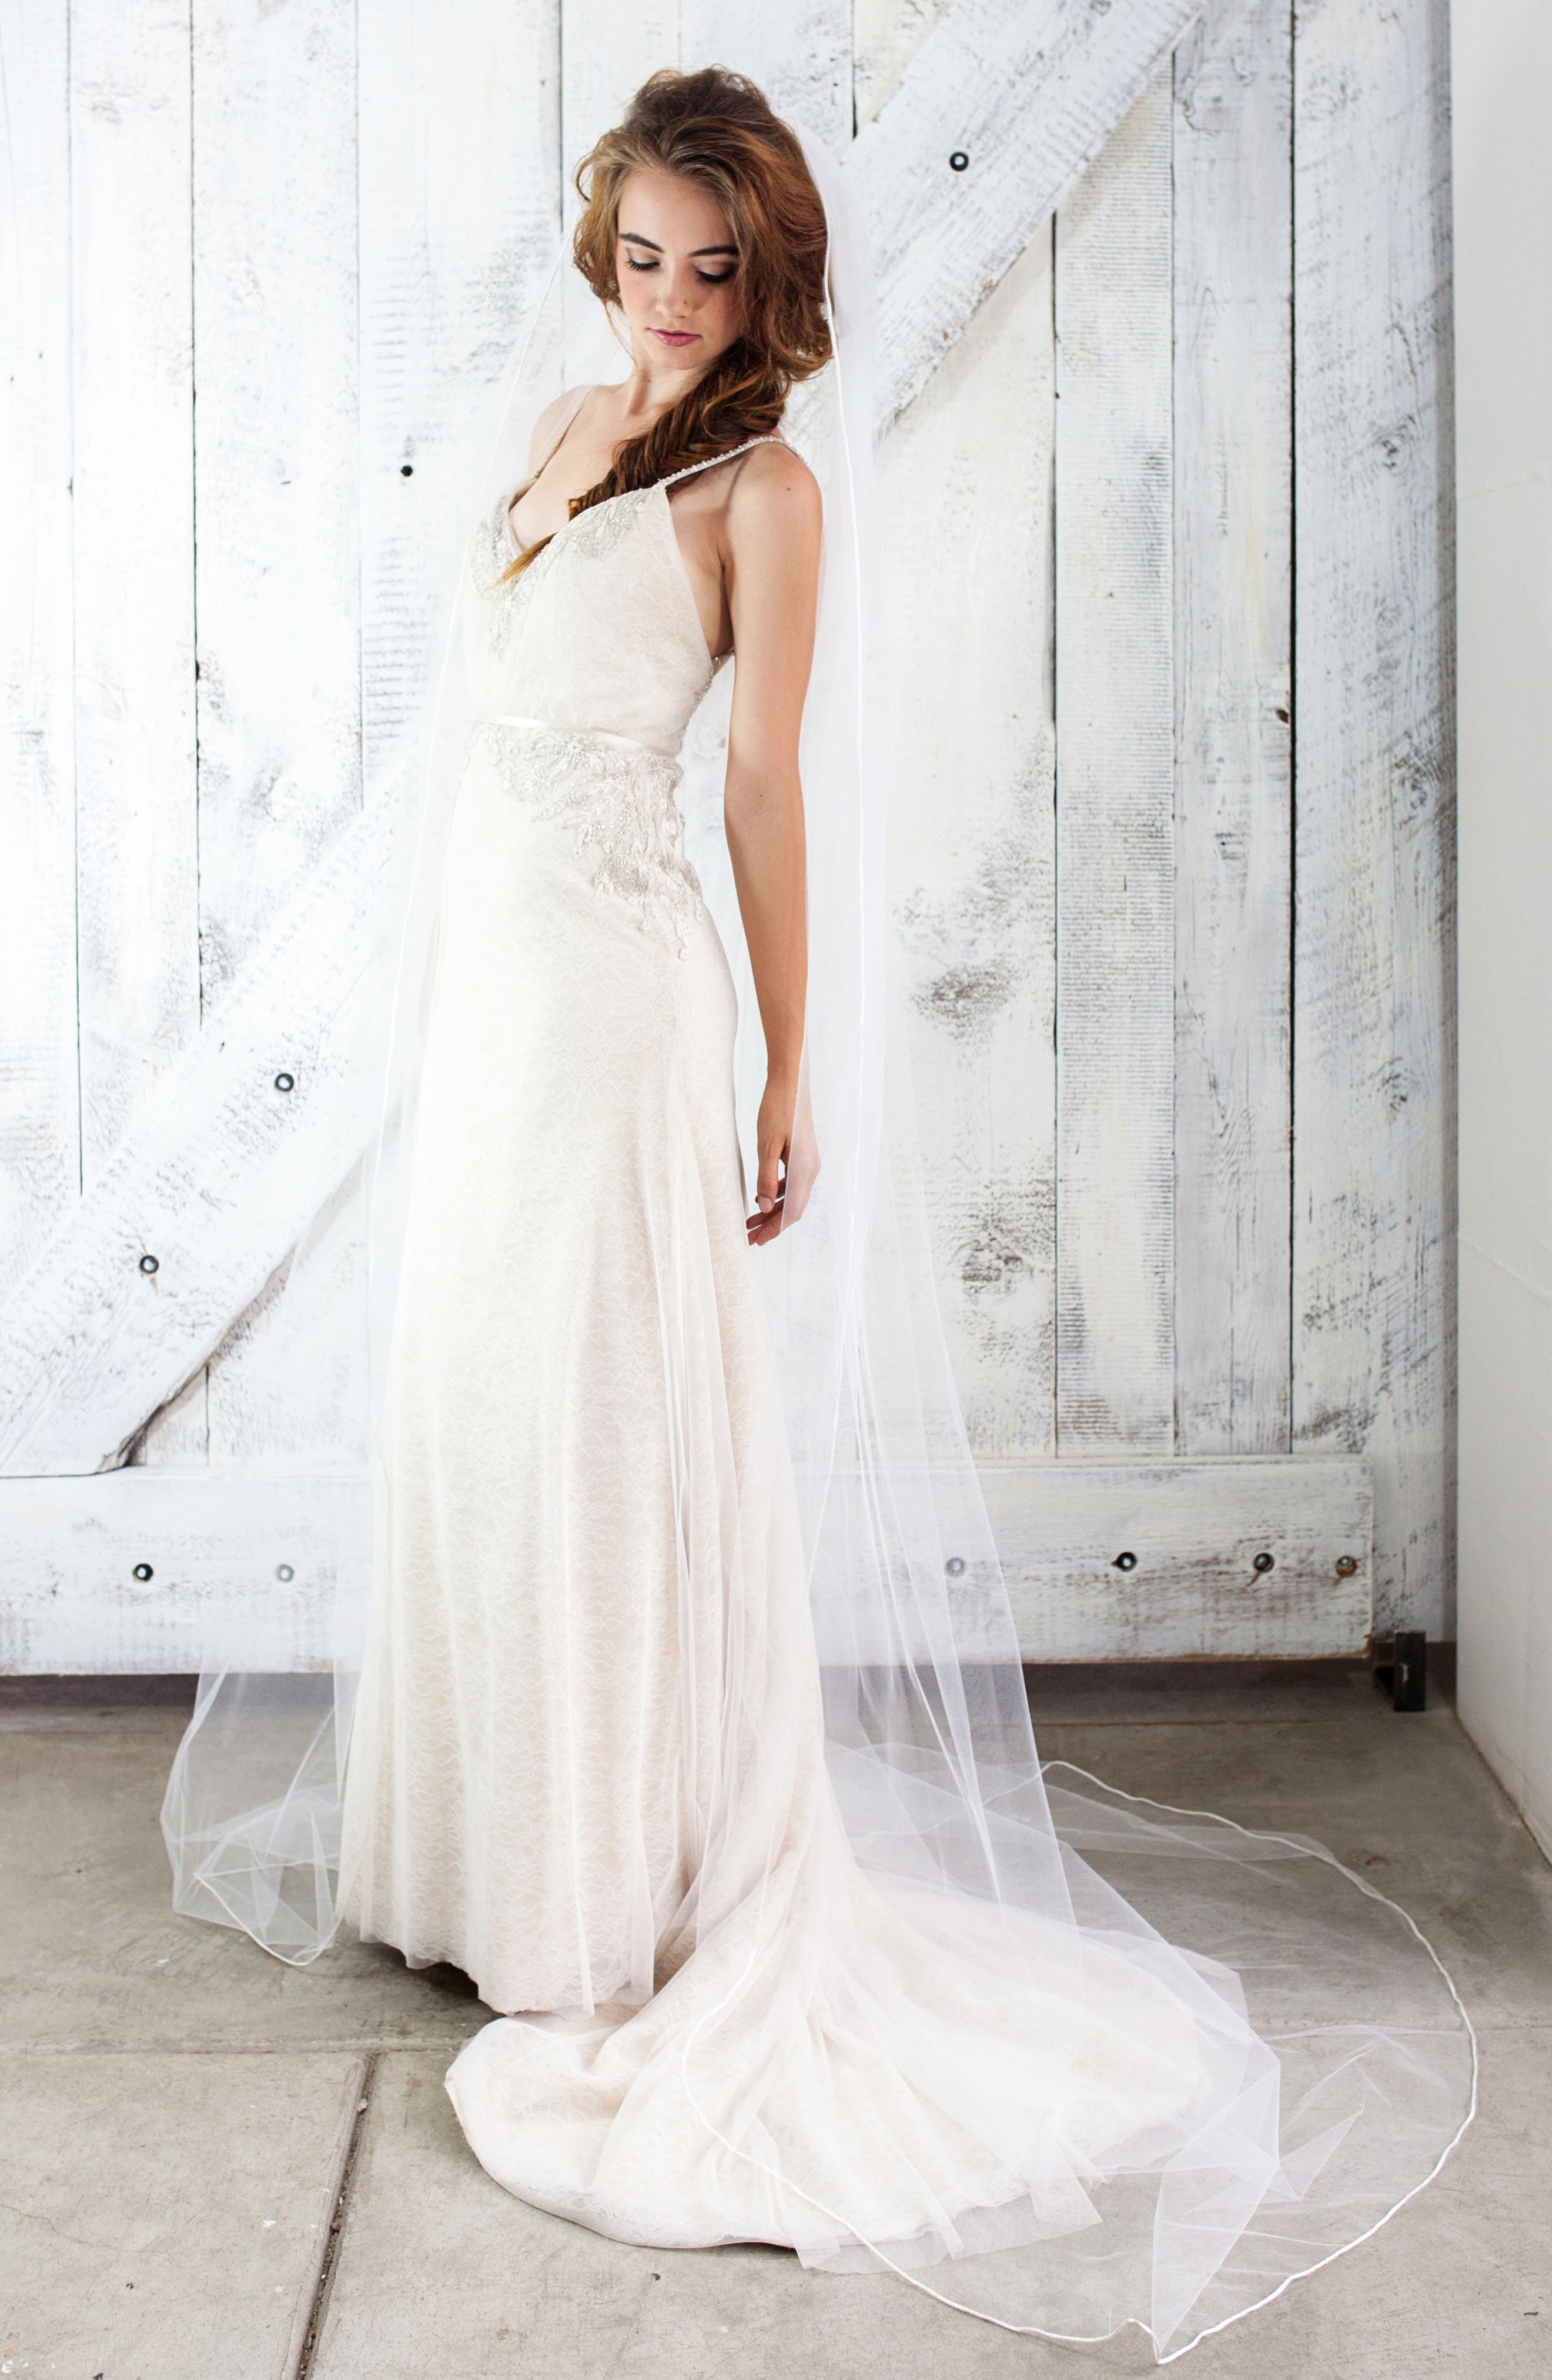 Kauai Mesh Bridal Veil,                             Main thumbnail 1, color,                             Light Ivory